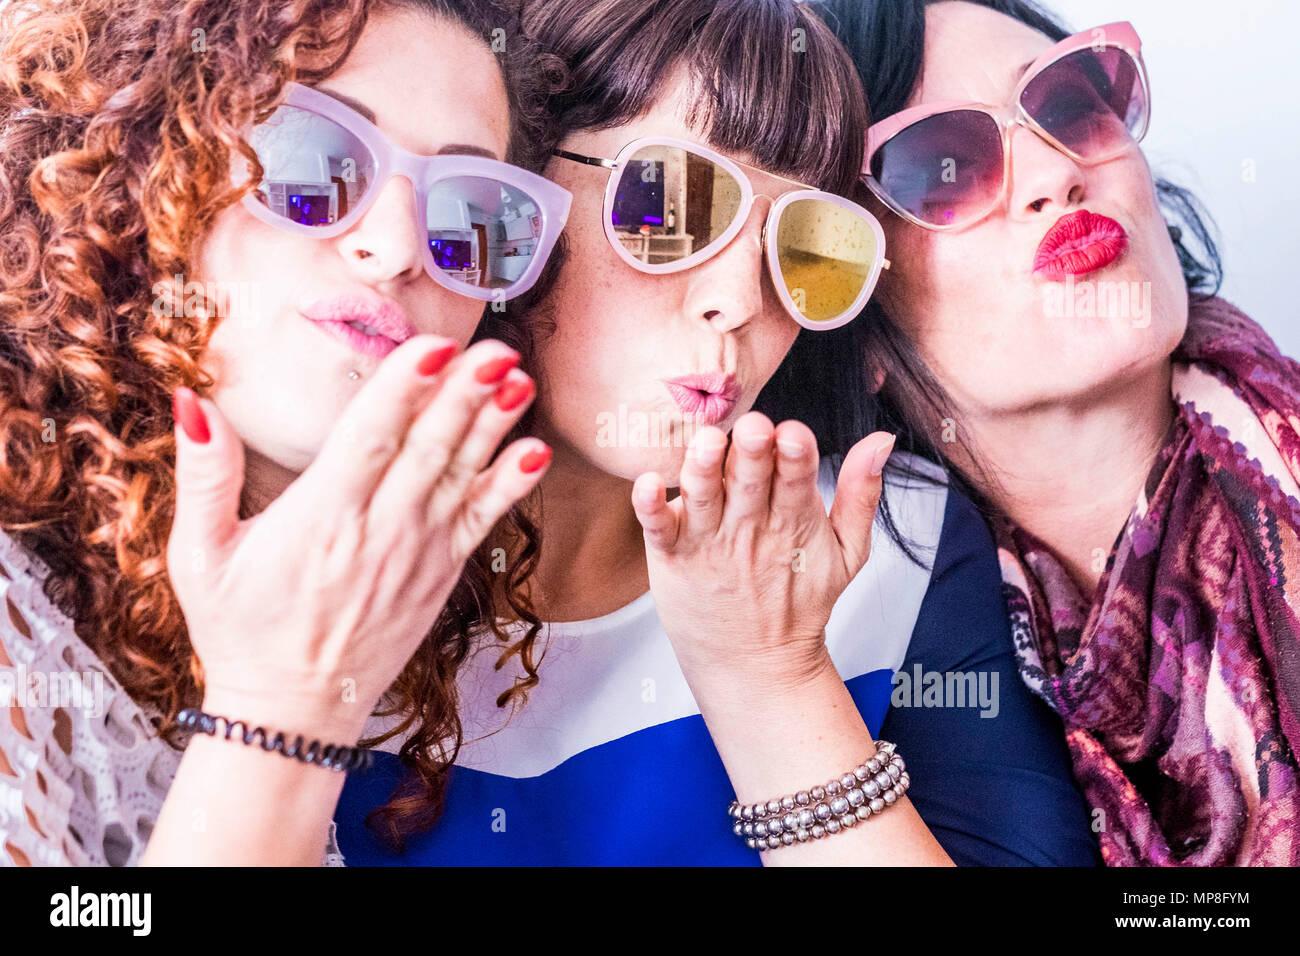 Tre giovani caucasici funny crazy donna fare una festa con gli occhiali colorati. invio di kiss e divertirsi insieme in una vera amicizia. gruppo di persone un Foto Stock